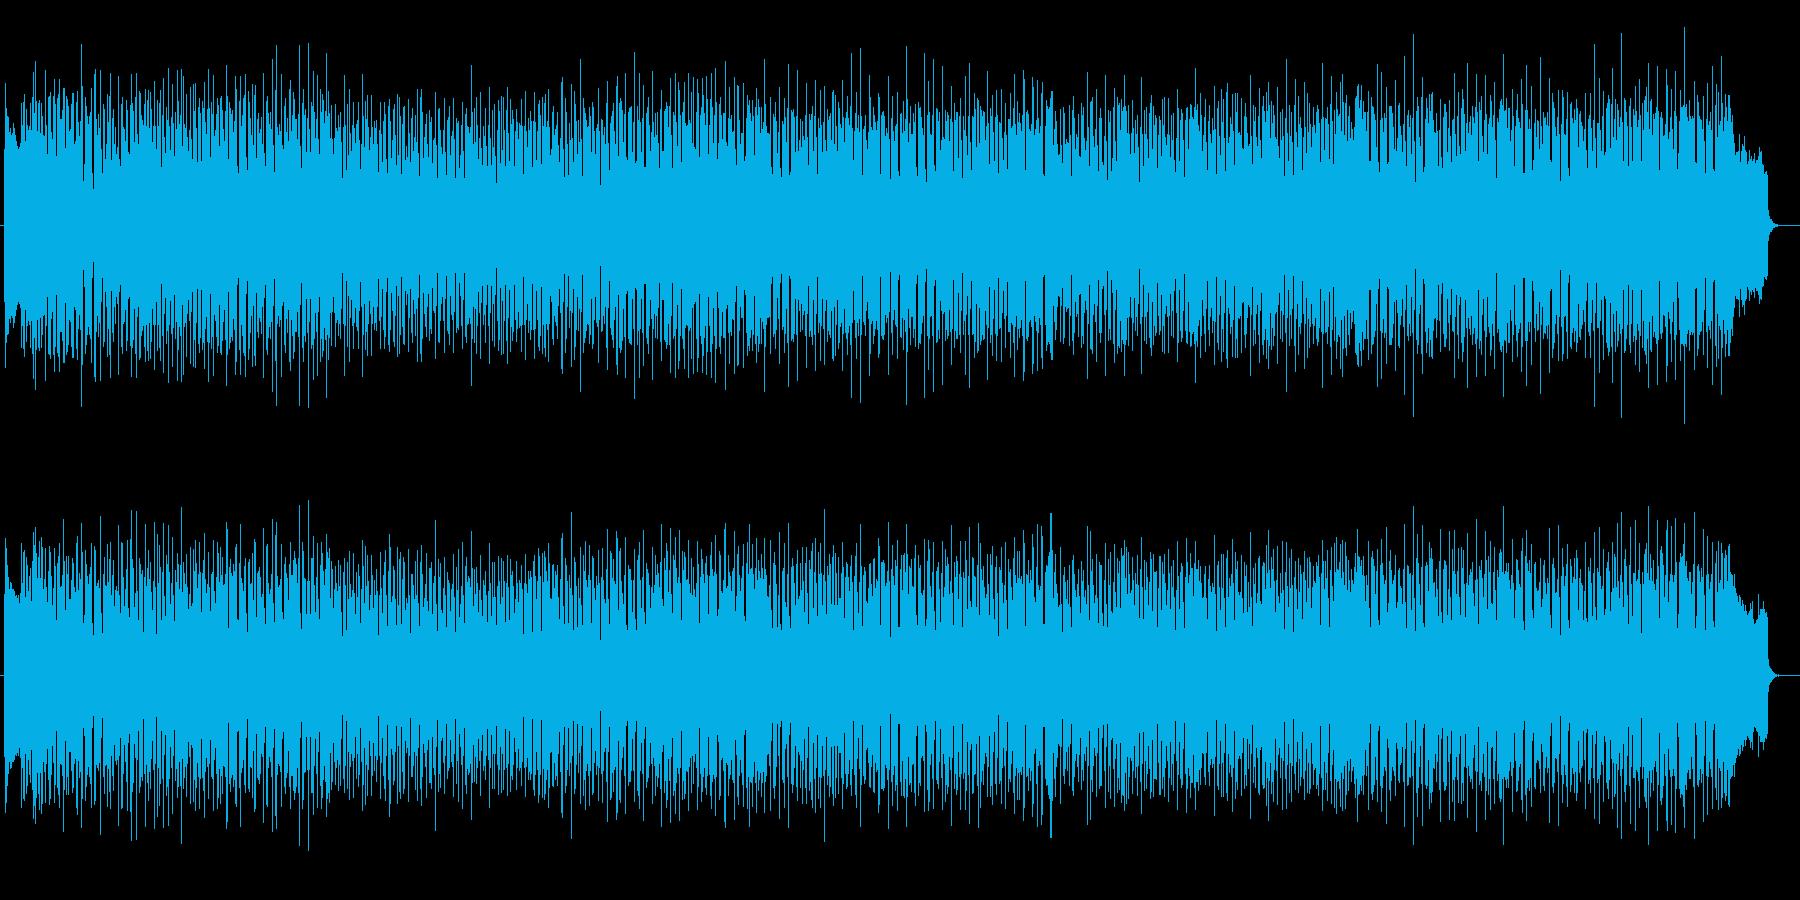 歪んだギターがかっこいいメタルサウンドの再生済みの波形